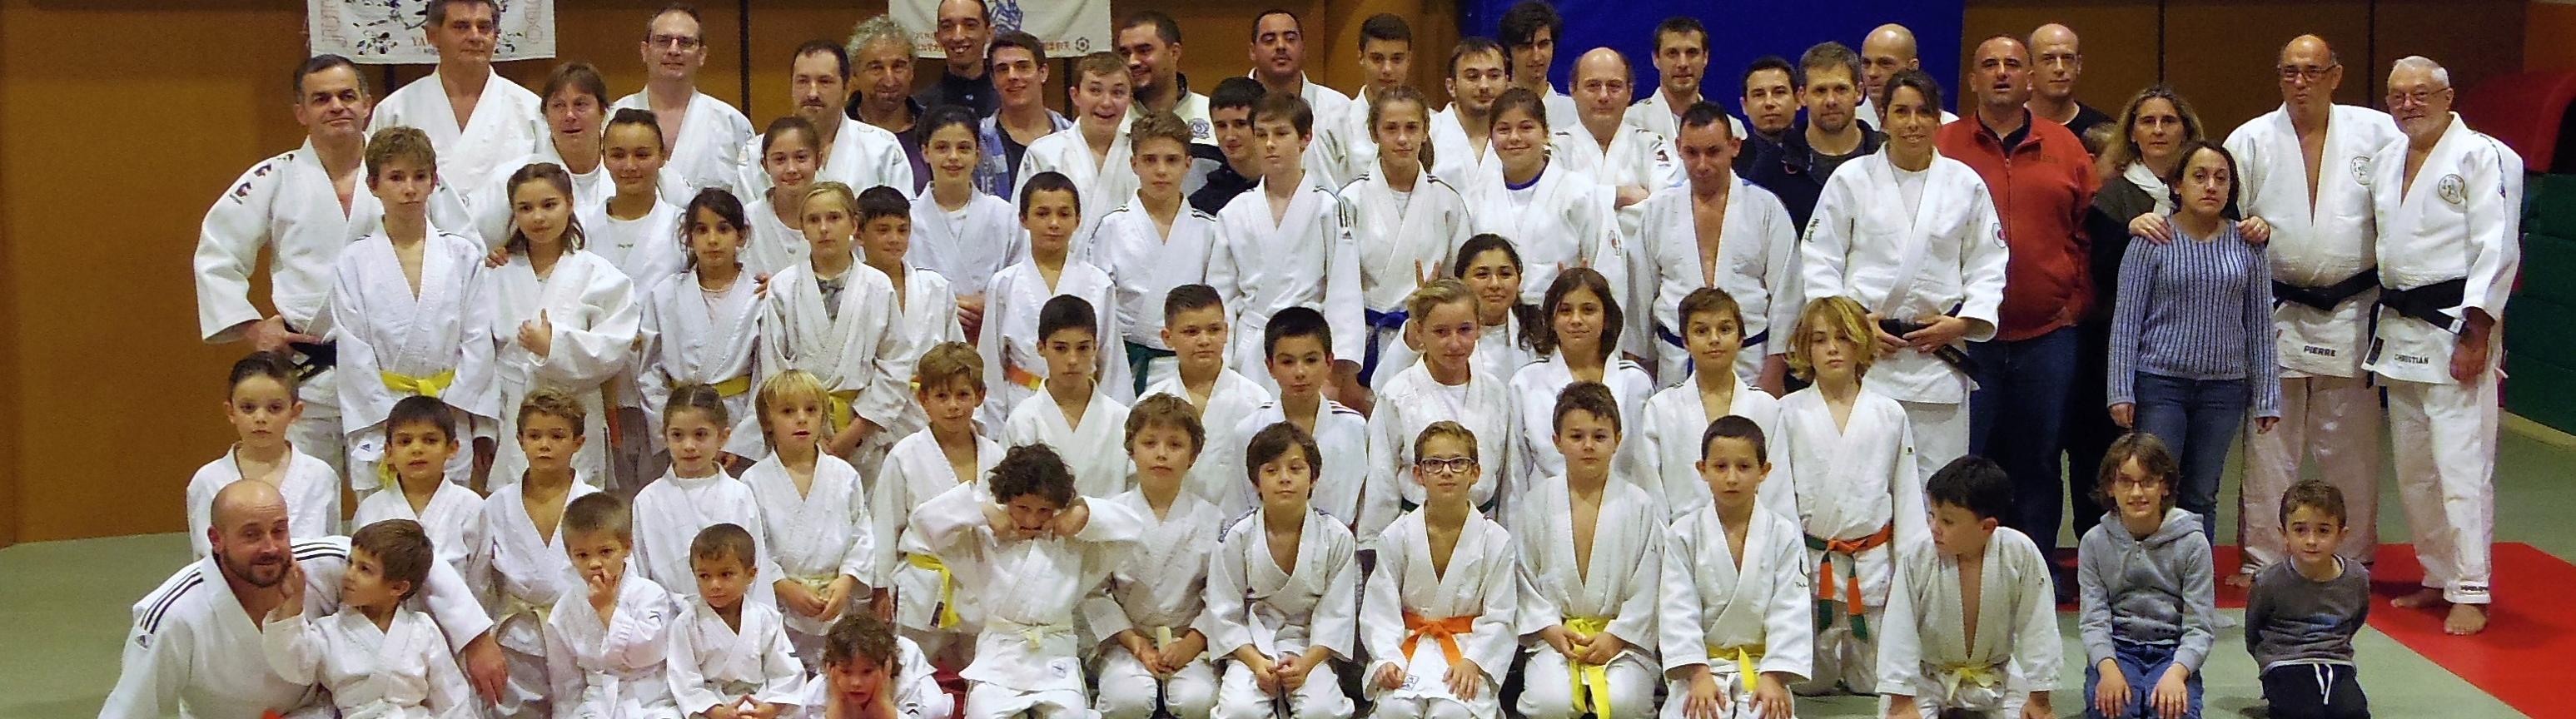 CARBONNE JUDO CLUB